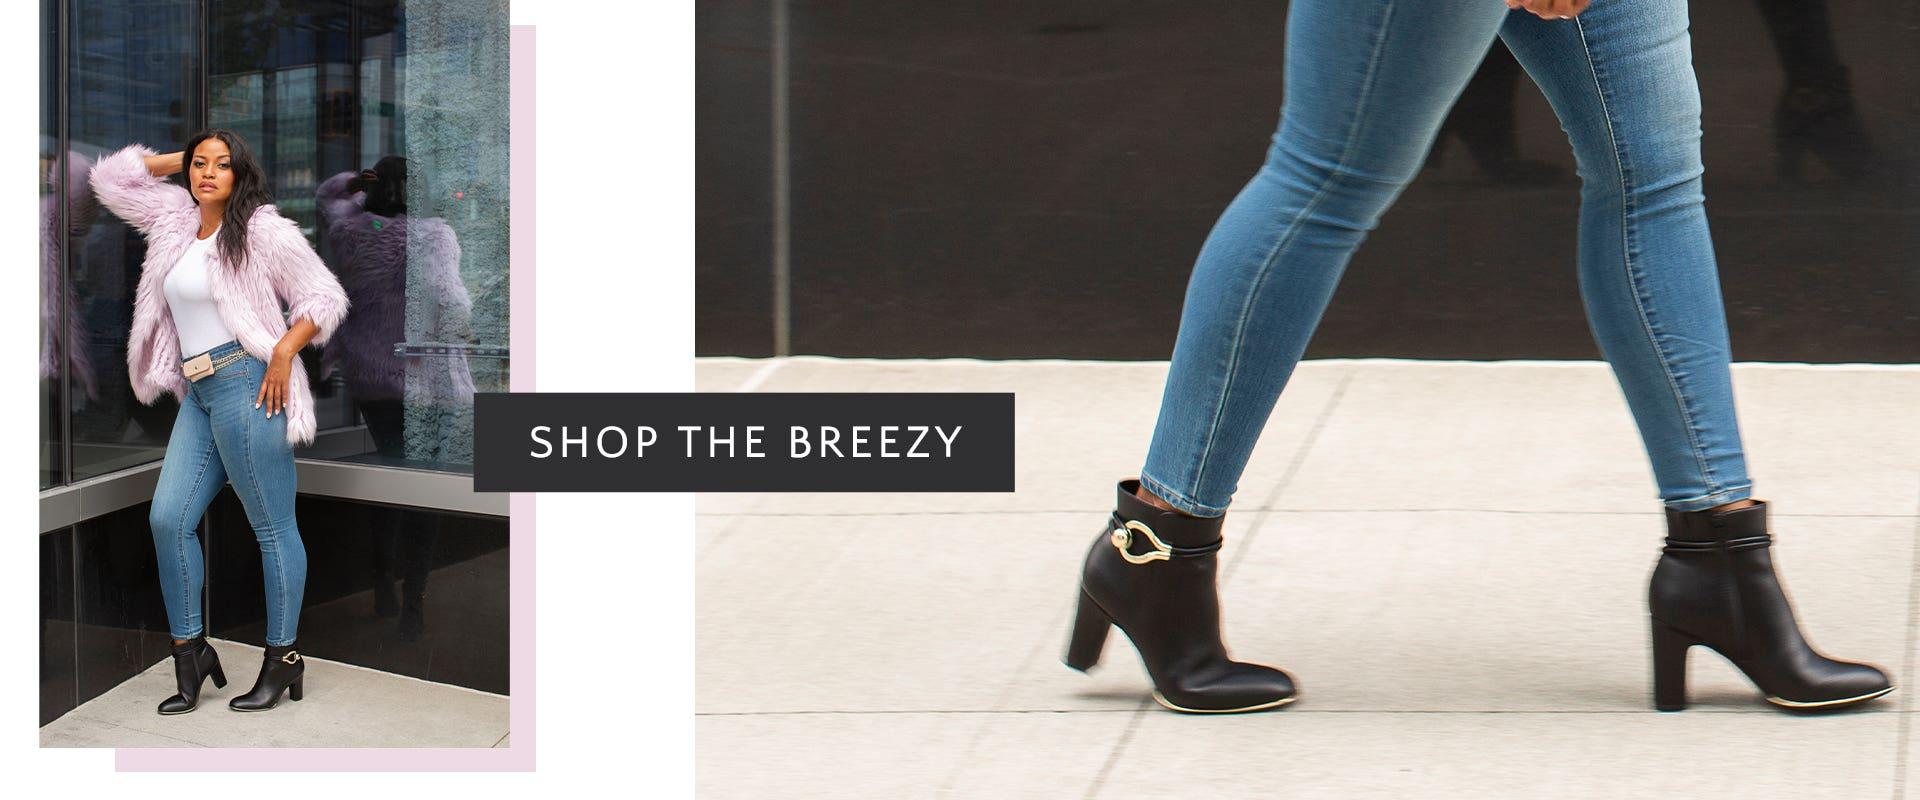 Shop The Breezy